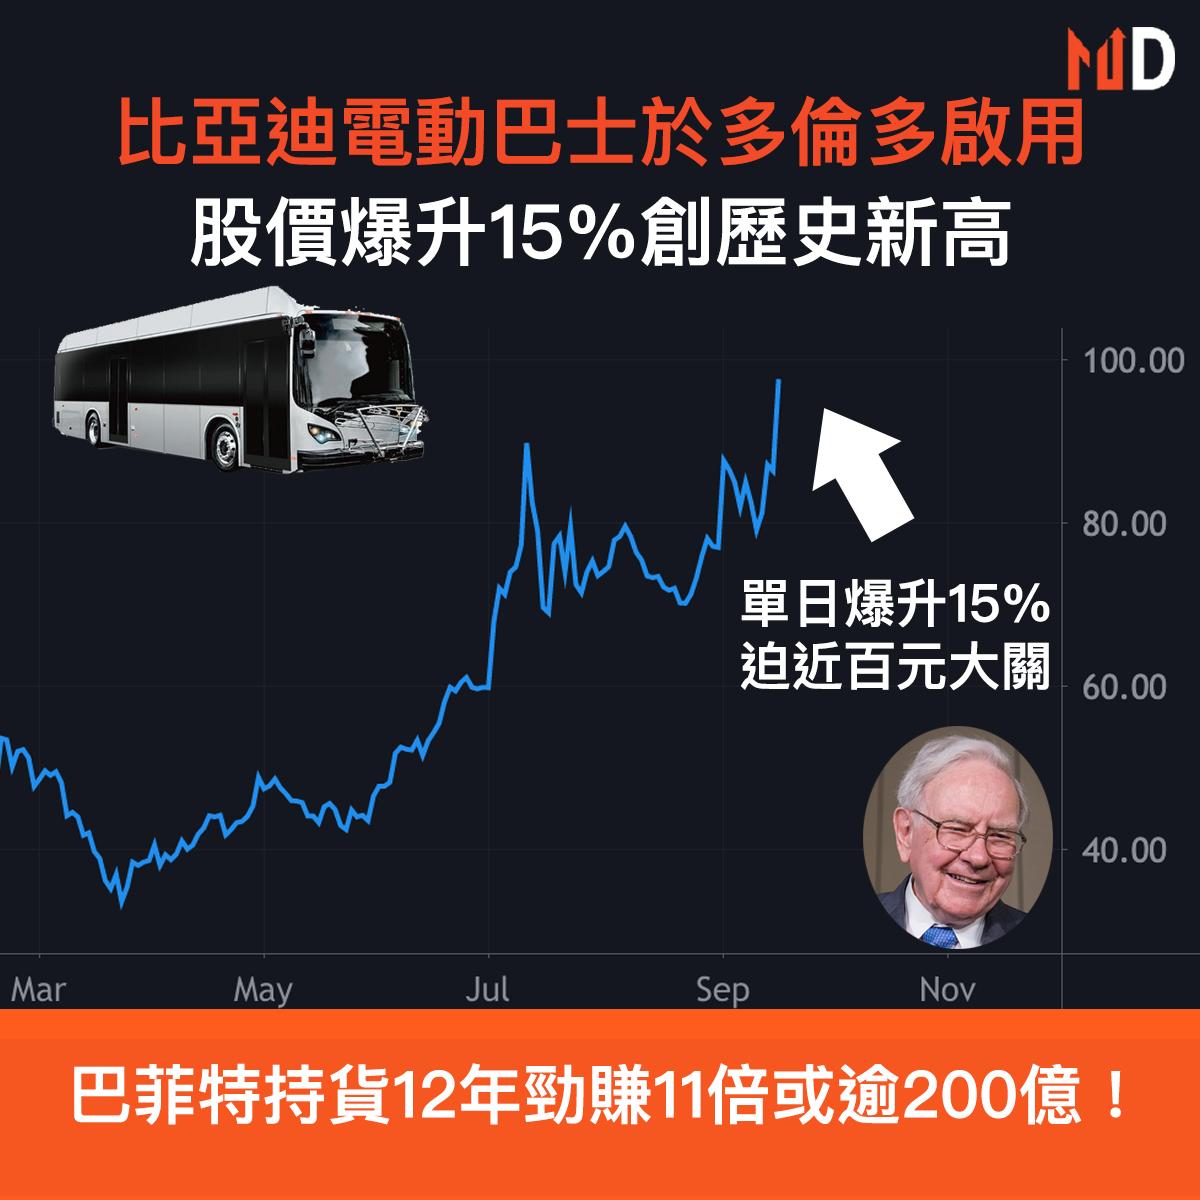 【市場熱話】比亞迪電動巴士於多倫多啟用,股價爆升15%創歷史新高